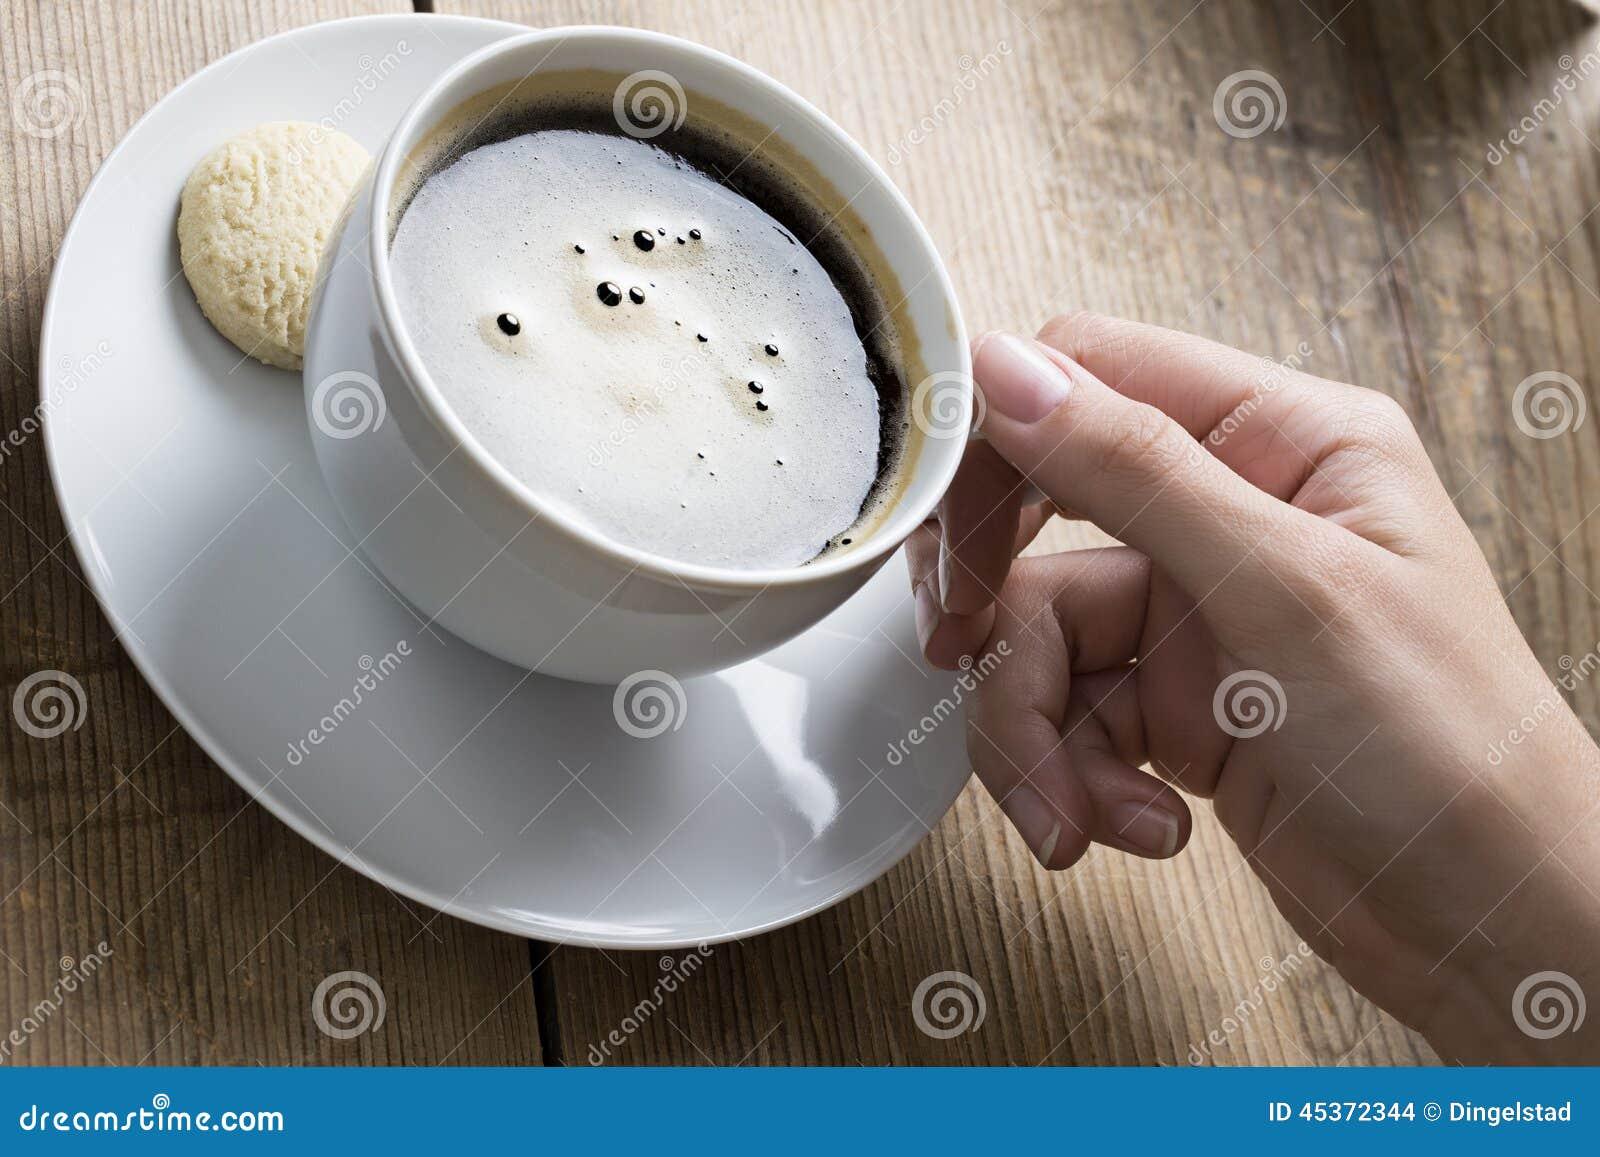 Tasse de café tenu par une main humaine blanche